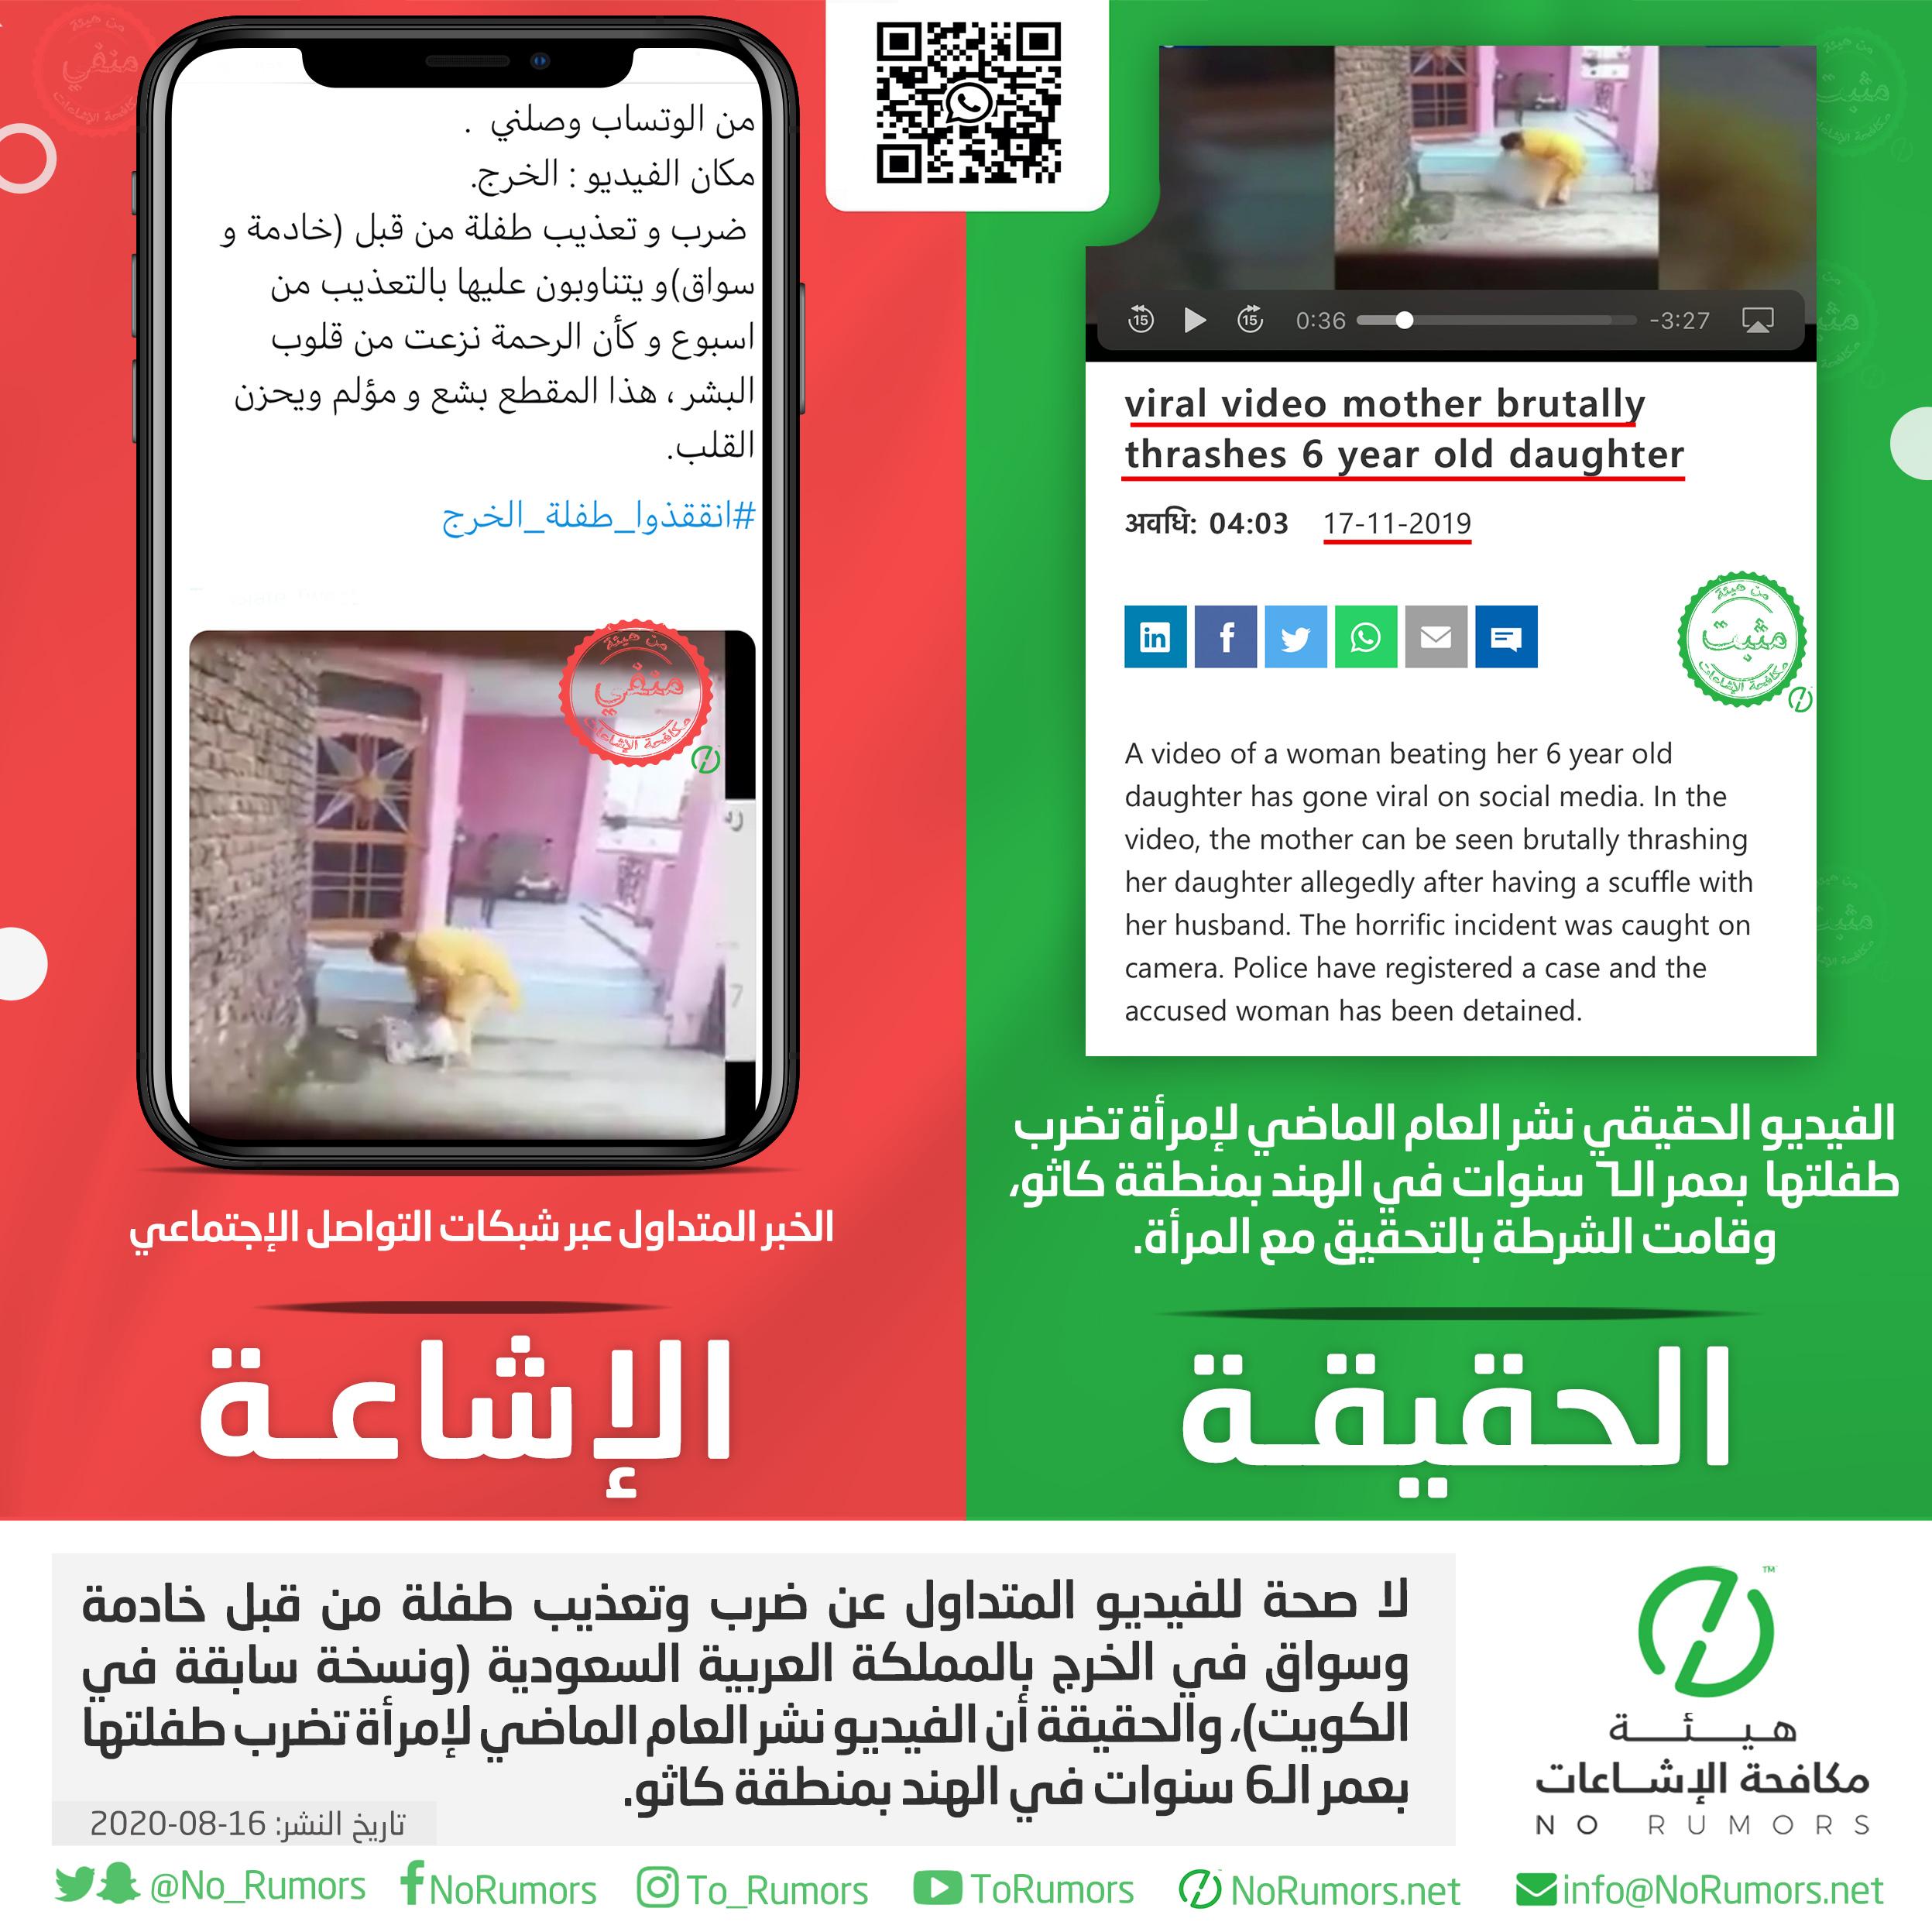 حقيقة الفيديو المتداول عن ضرب وتعذيب طفلة من قبل خادمة وسواق في الخرج بالمملكة العربية السعودية (ونسخة سابقة في الكويت)